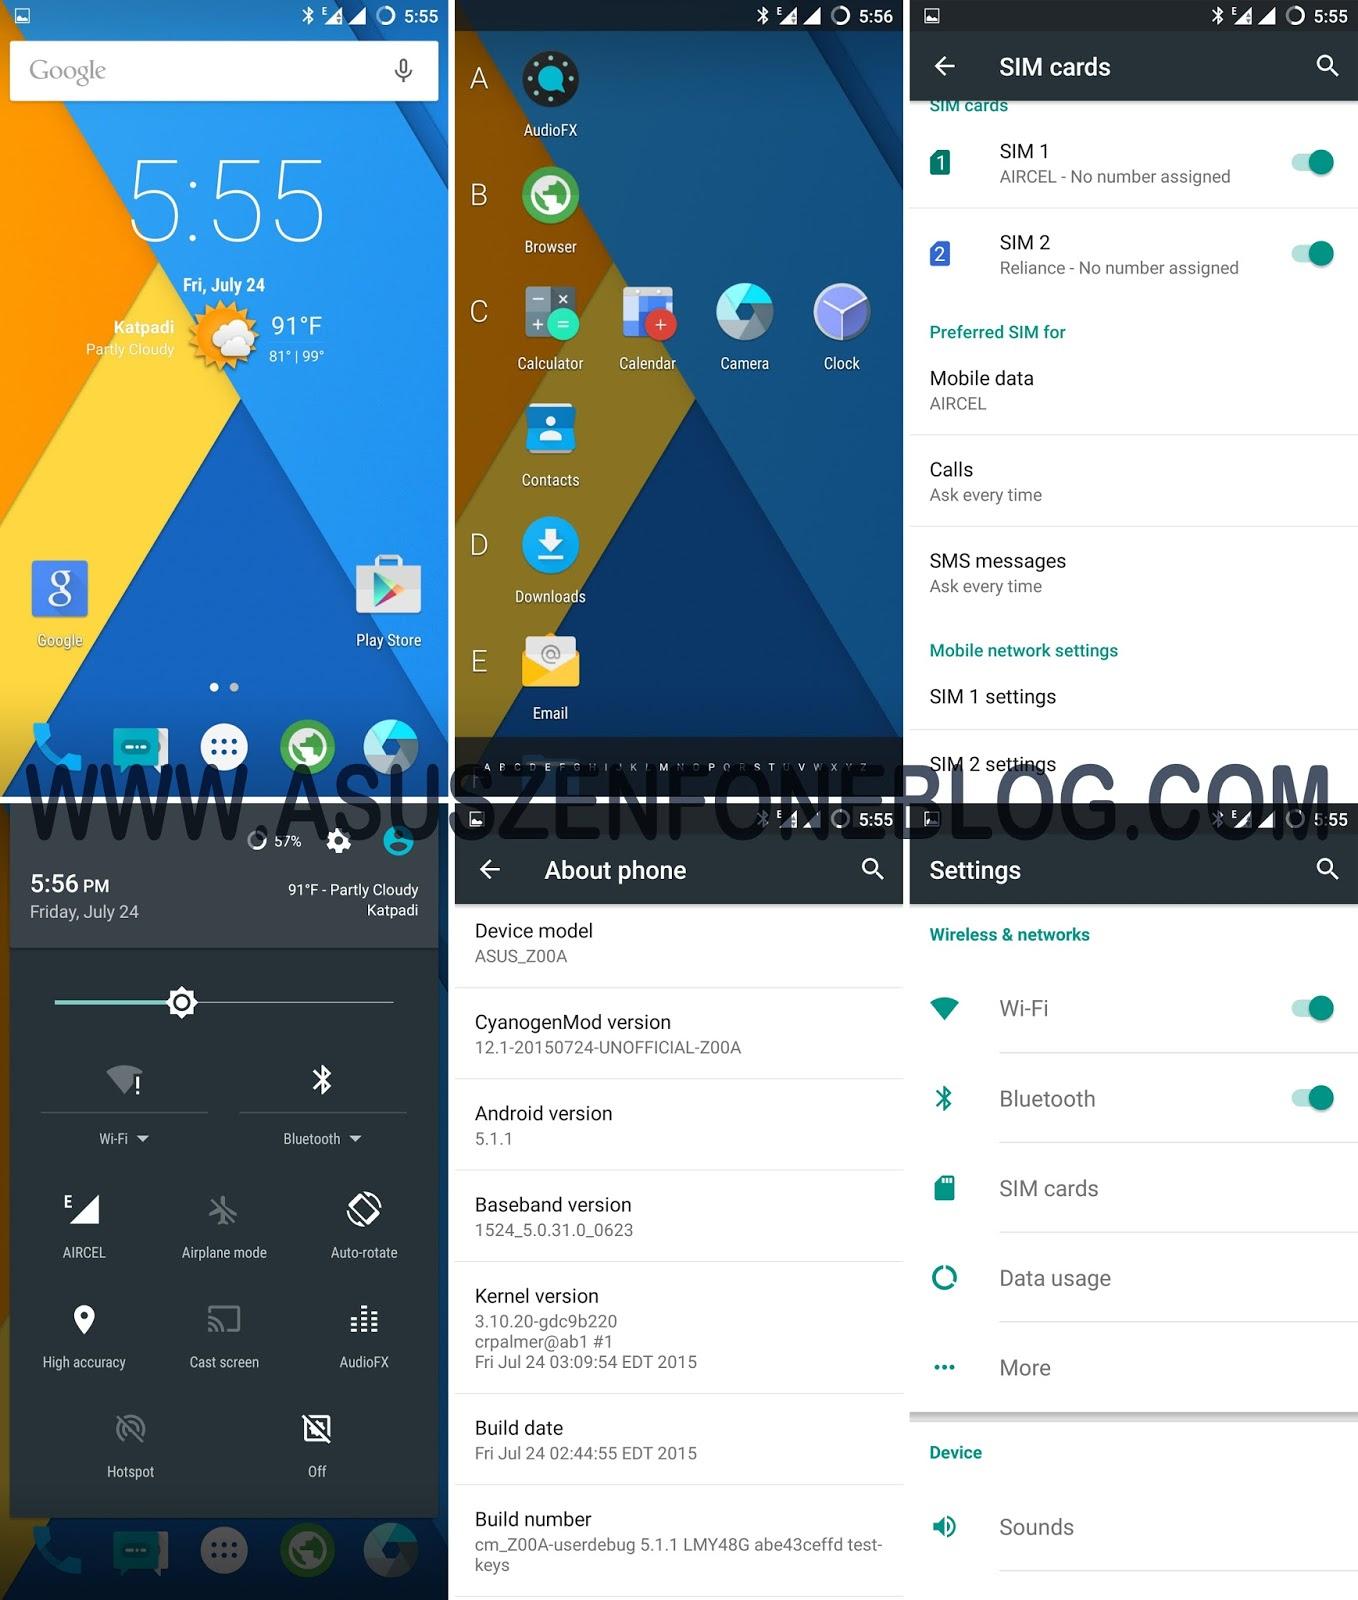 ROM] CyanogenMod 12 1 for Asus ZenFone 2 (Z00A)